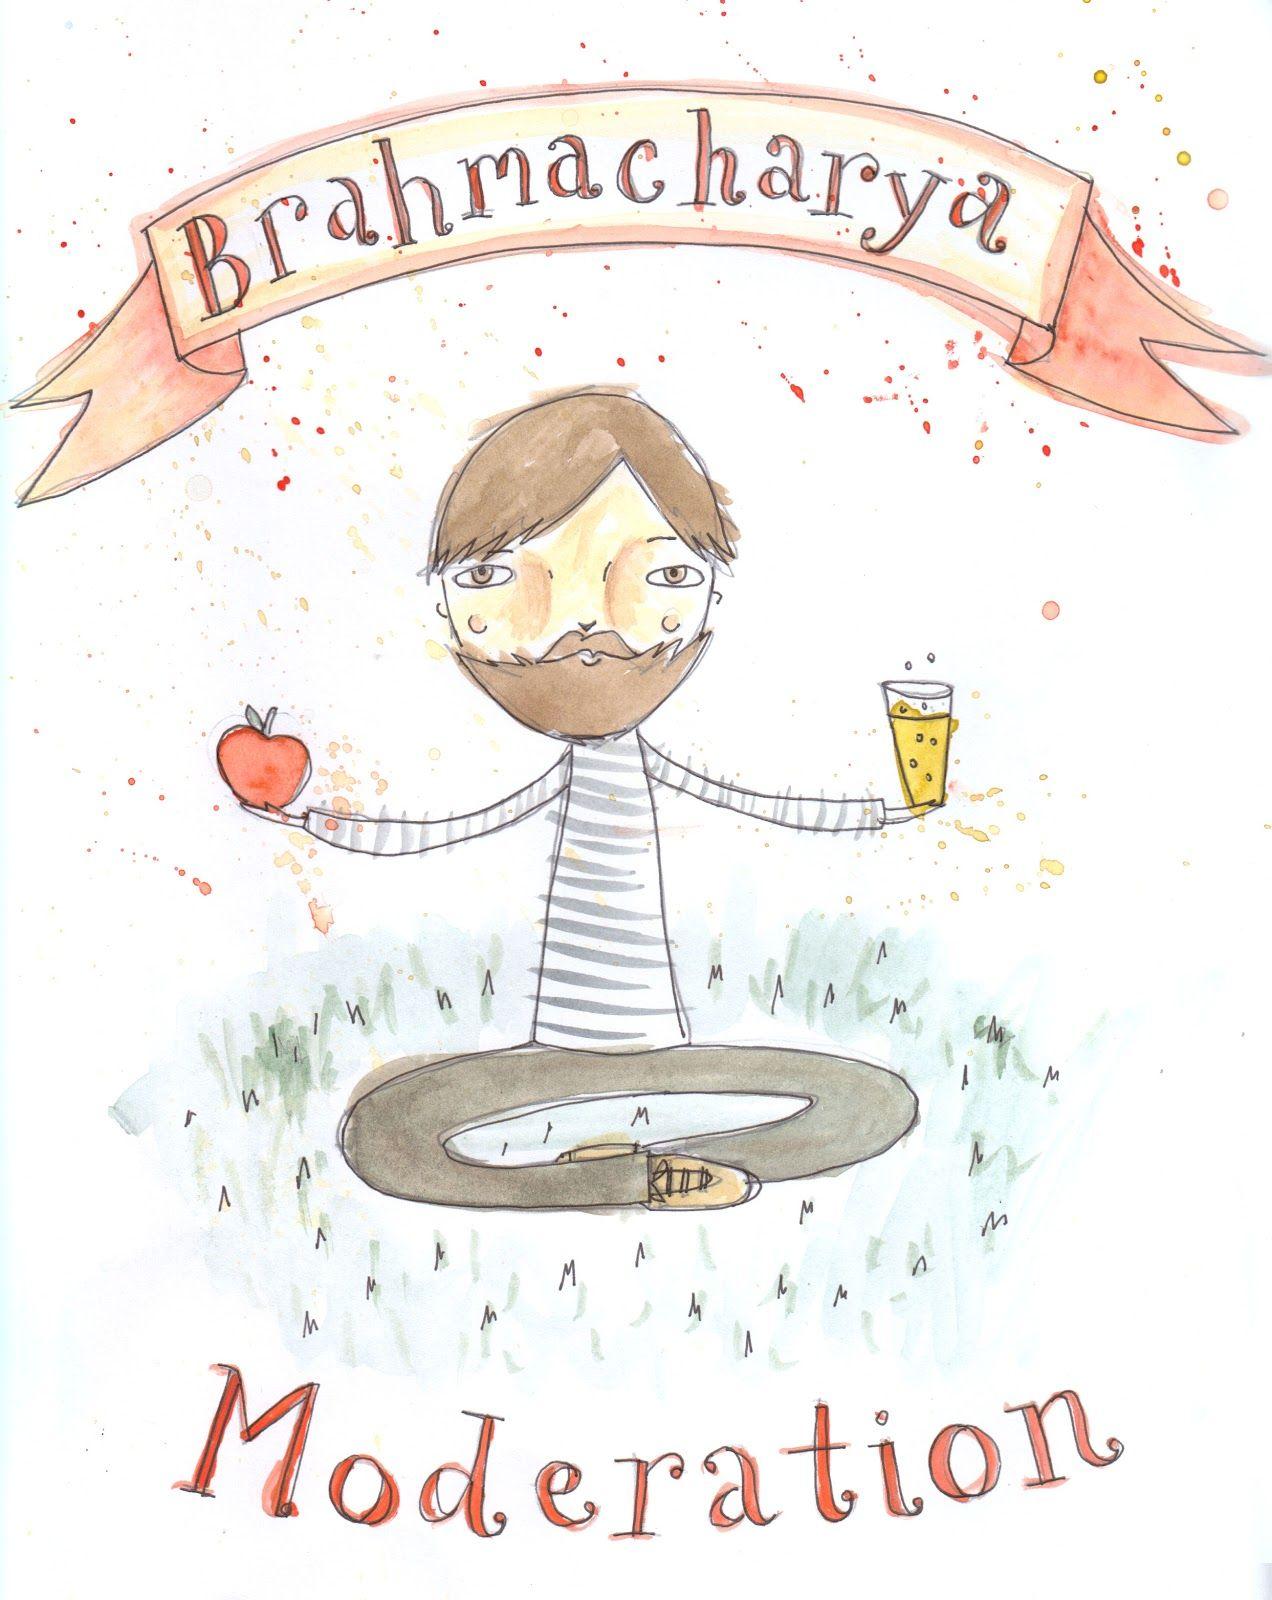 Yama 4 Brahmacharya Yoga Sutras Yamas And Niyamas Yoga Art